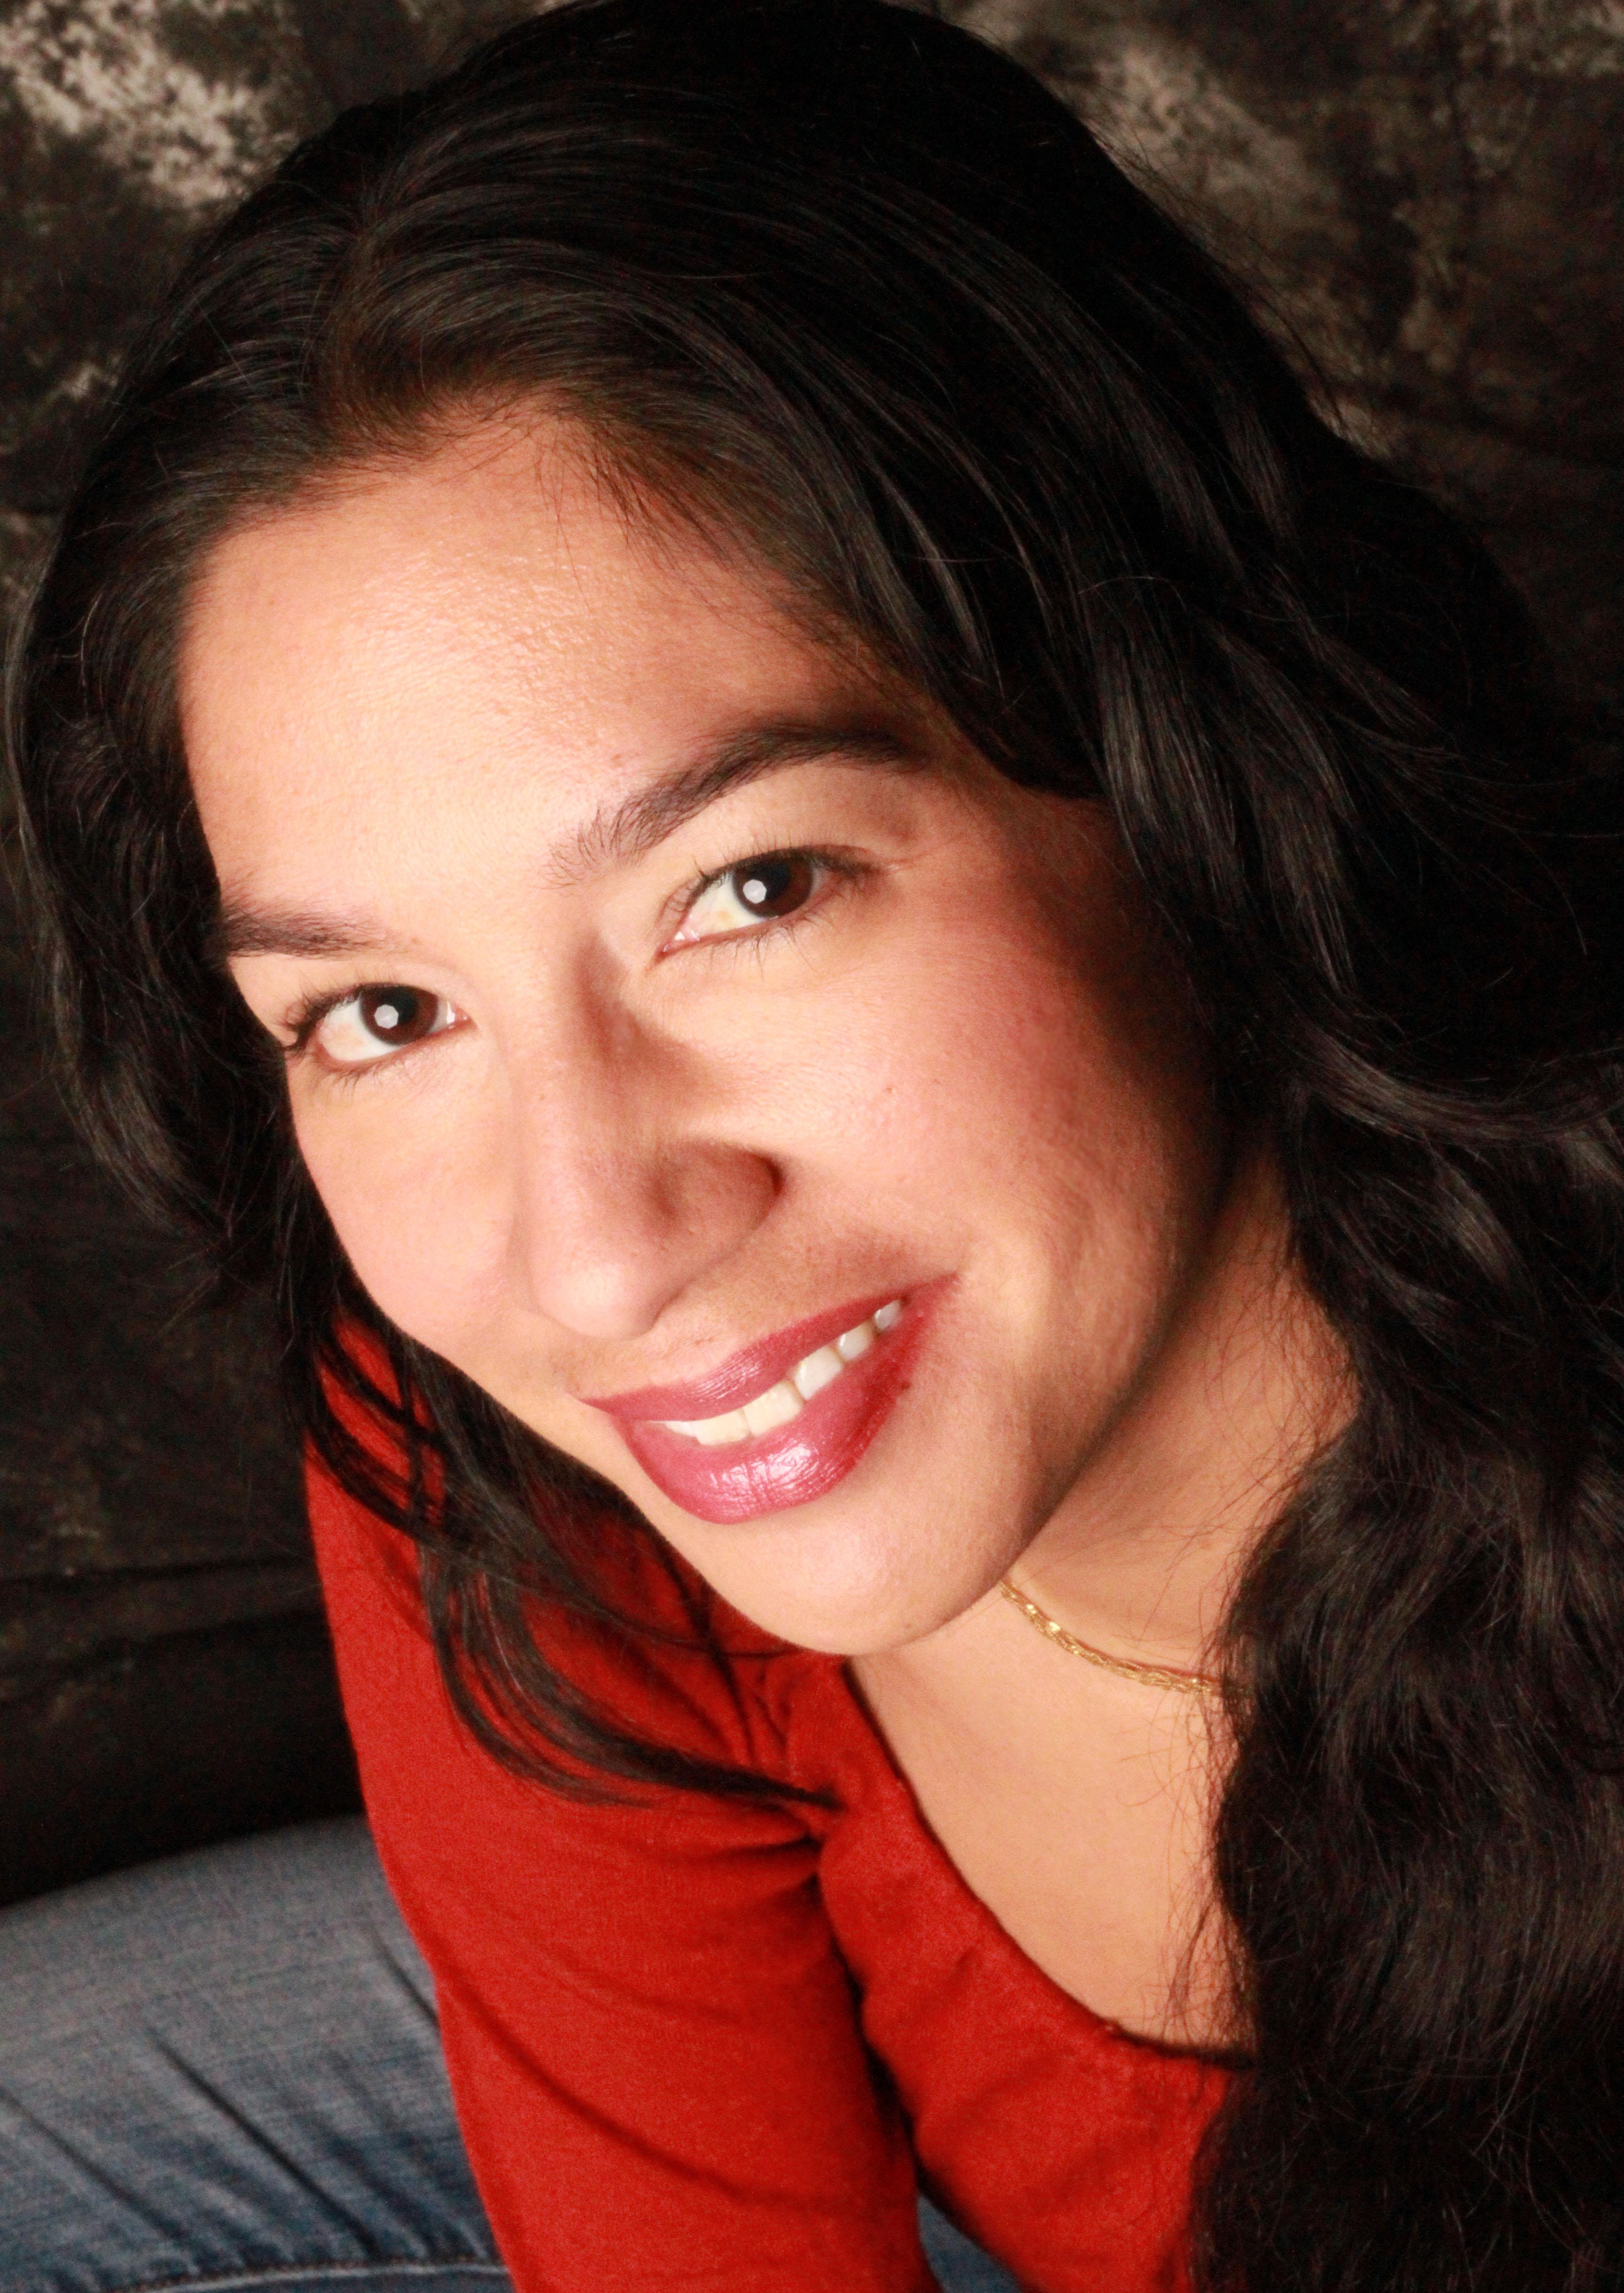 Alicia Lueras Maldonado